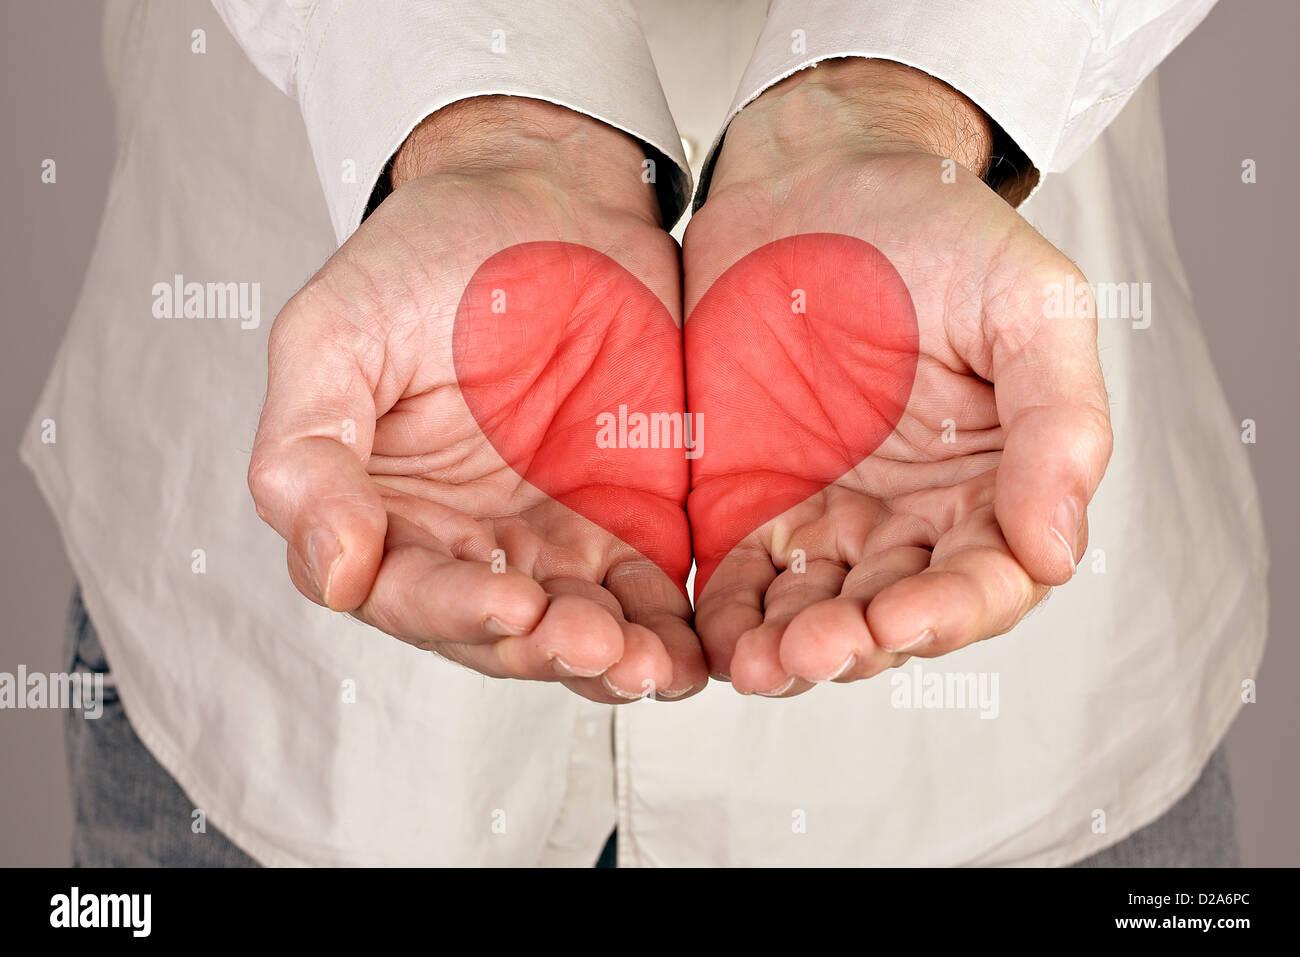 Herzform in männlichen Händen Stockbild